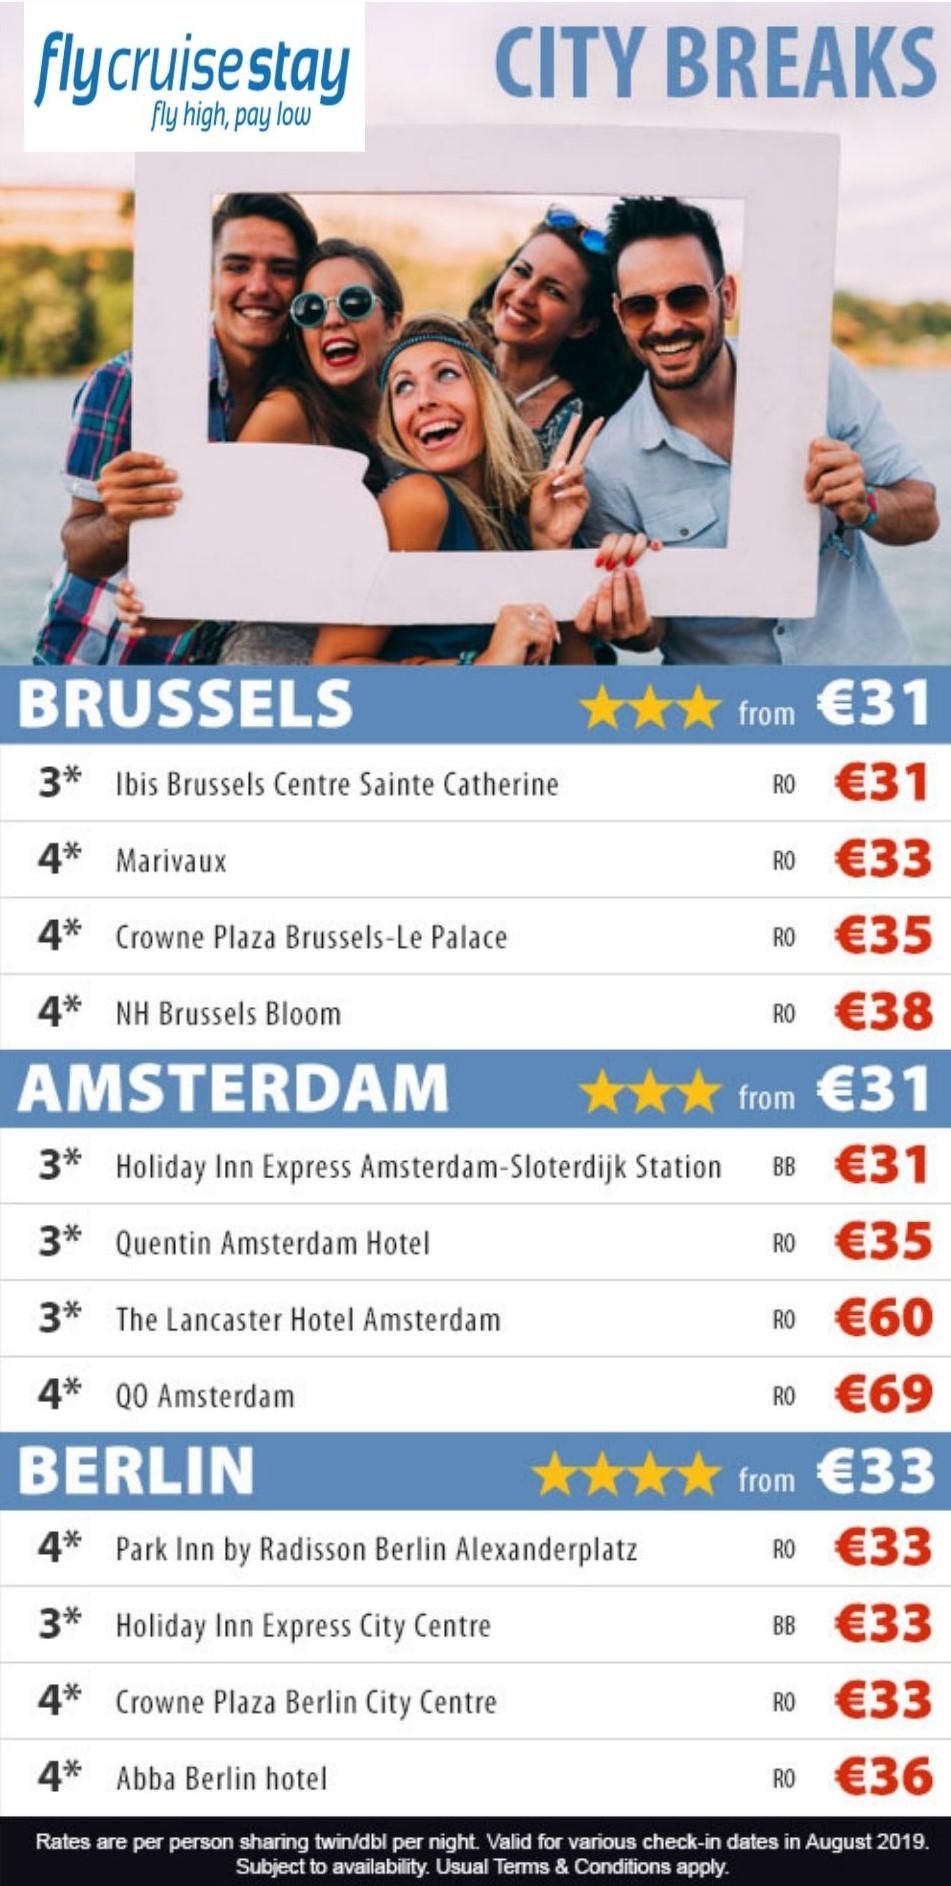 European Hotel City Breaks